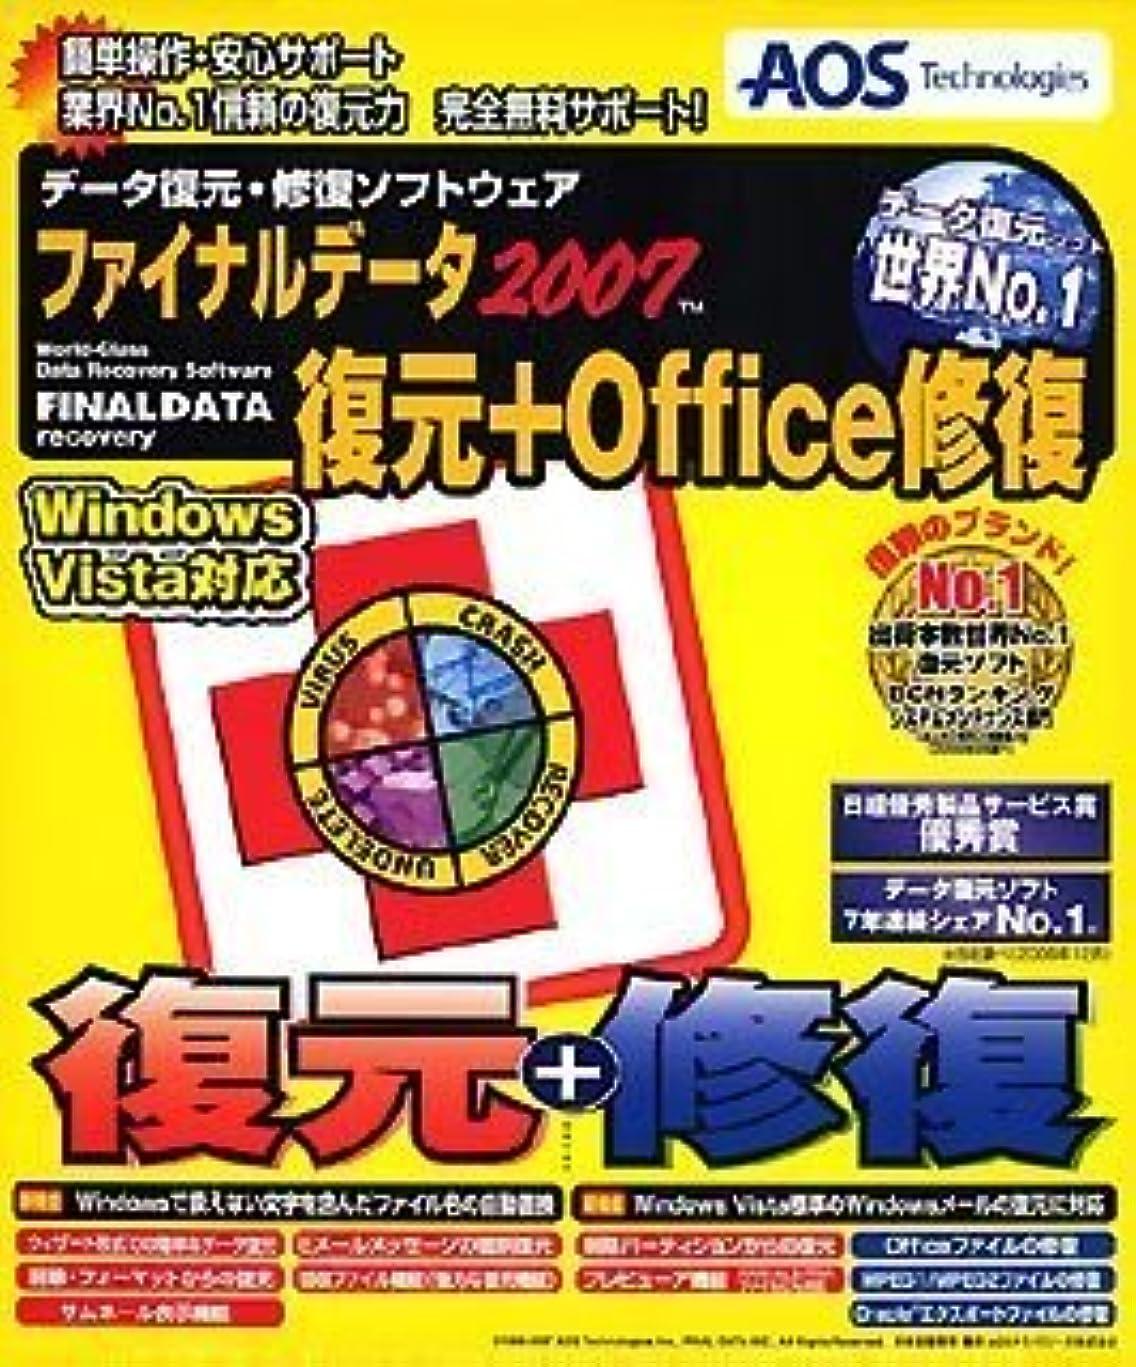 結果対処両方ファイナルデータ2007 復元+Office修復